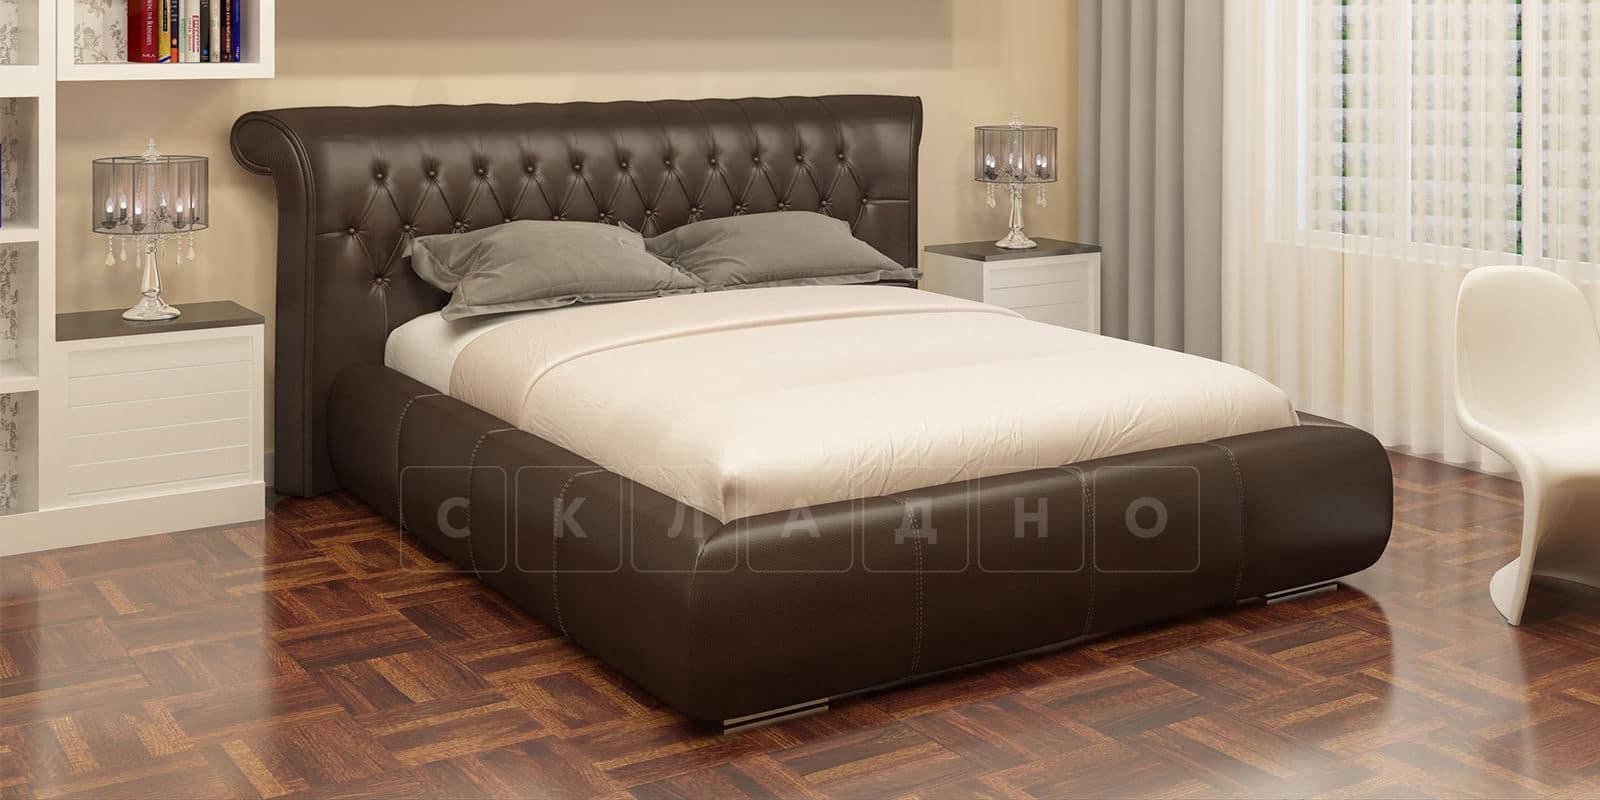 Мягкая кровать Вирджиния 160см экокожа шоколадного цвета фото 1 | интернет-магазин Складно